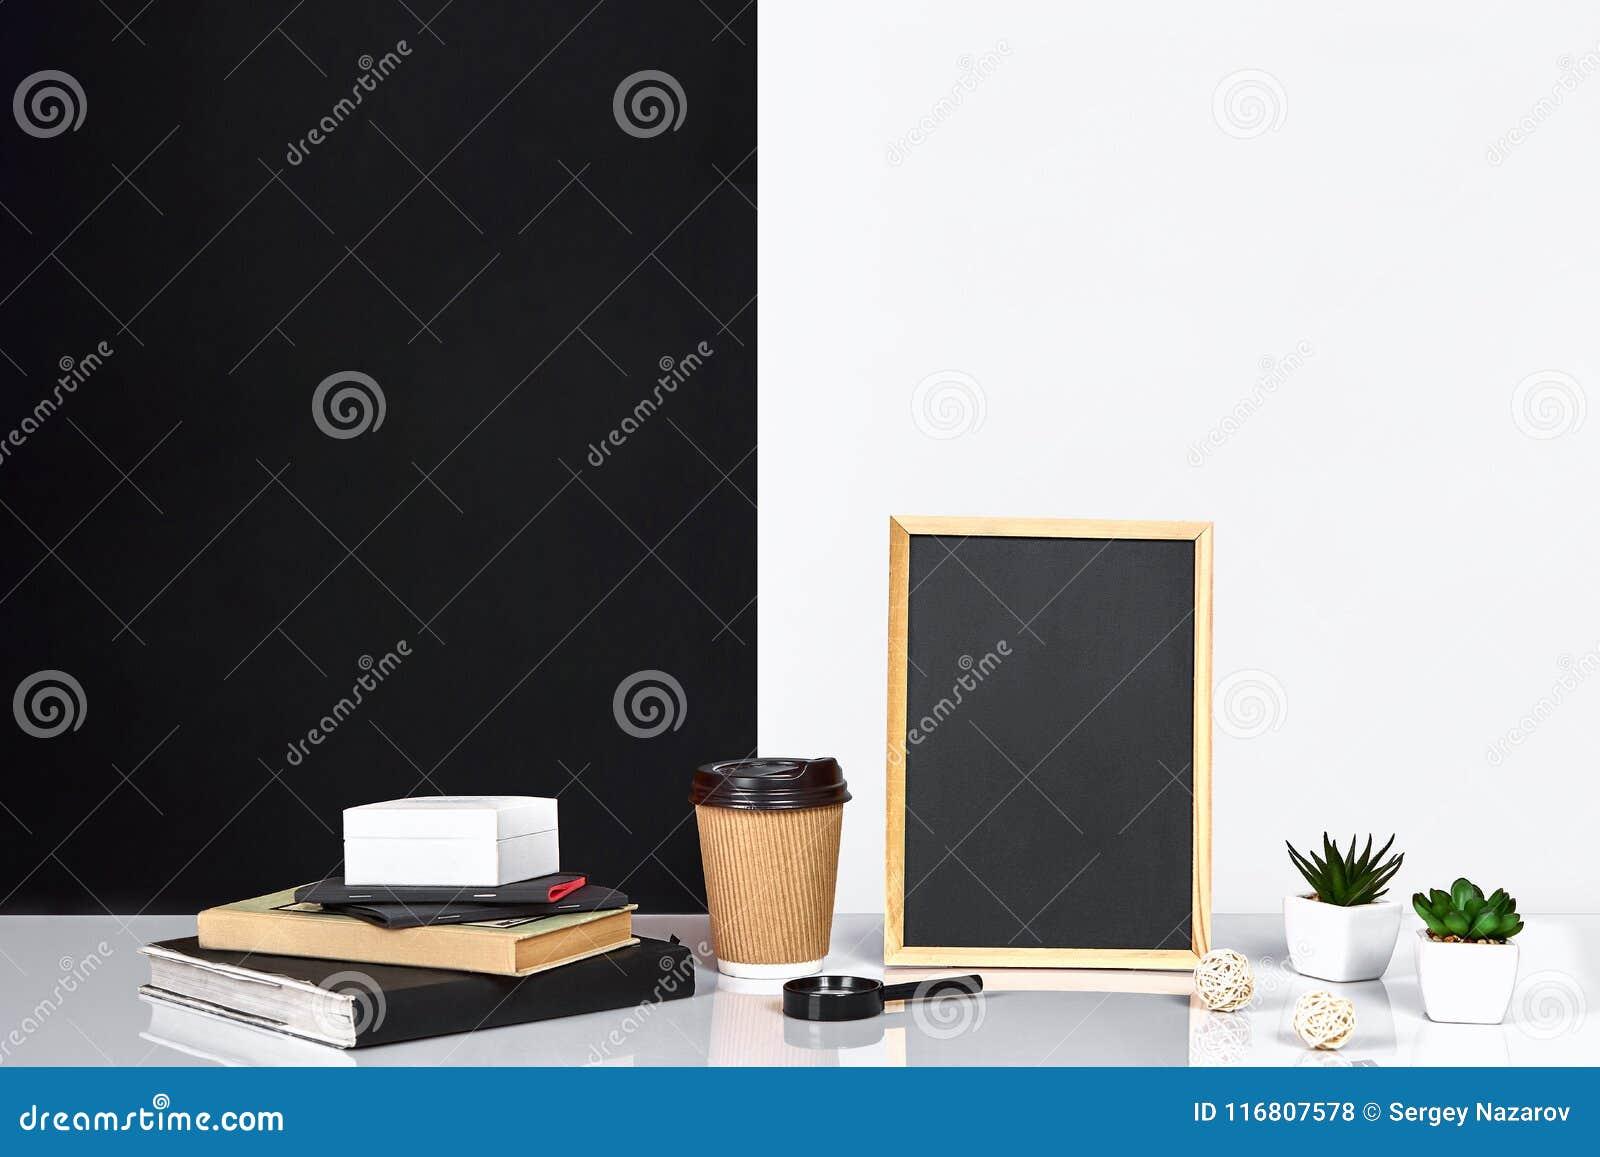 Stile americano o scandinavo con i libri, succulente della decorazione interna della stanza nel vaso Manifesto con il posto per t